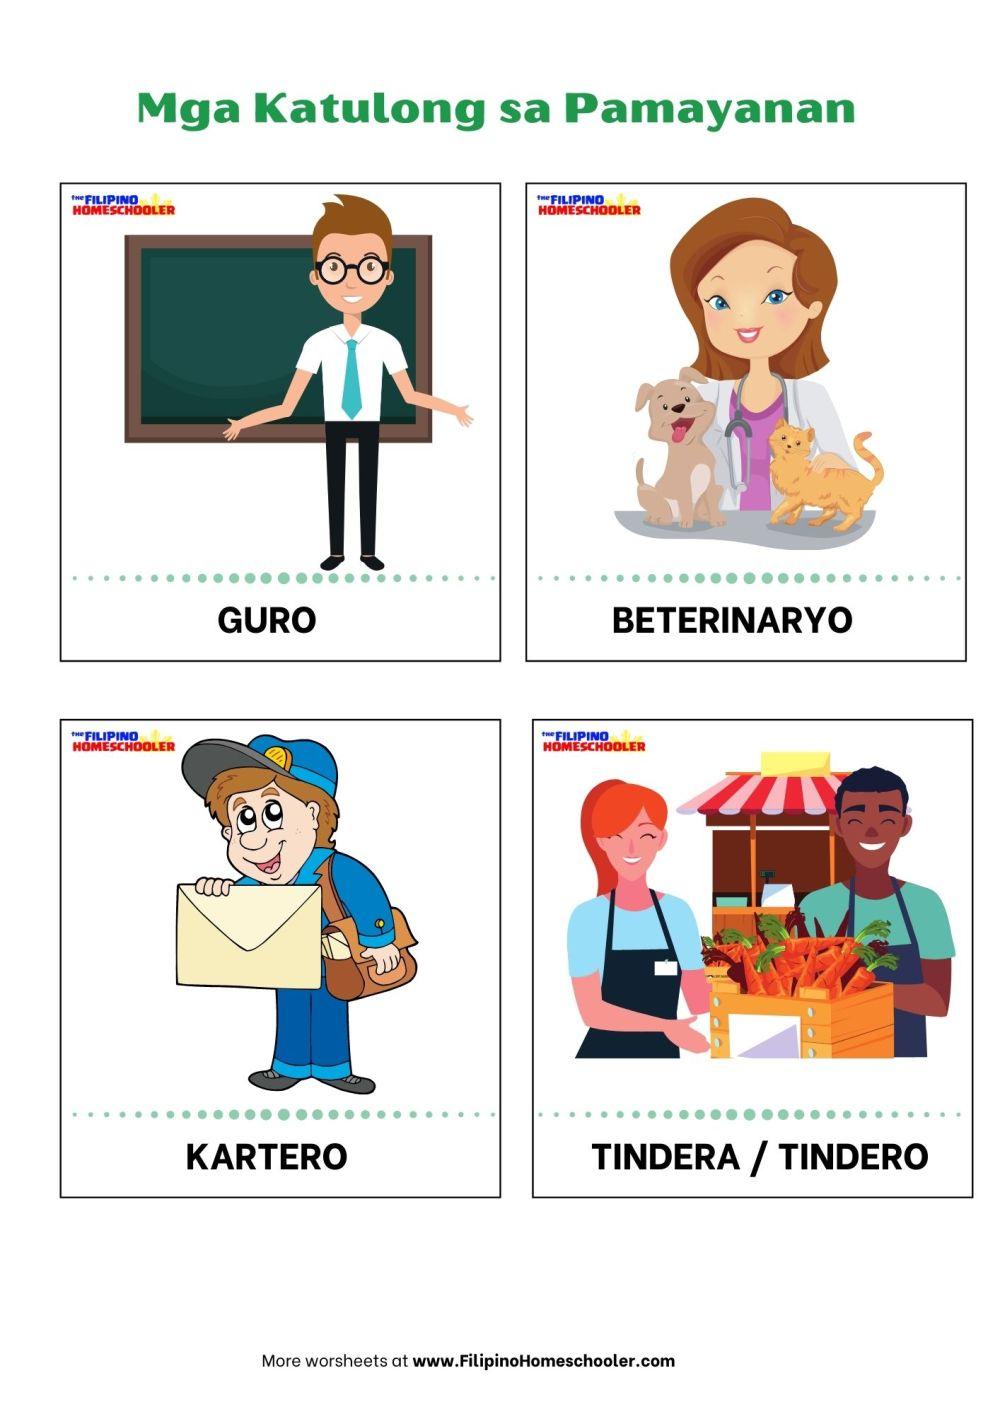 medium resolution of Mga Katulong sa Pamayanan — The Filipino Homeschooler